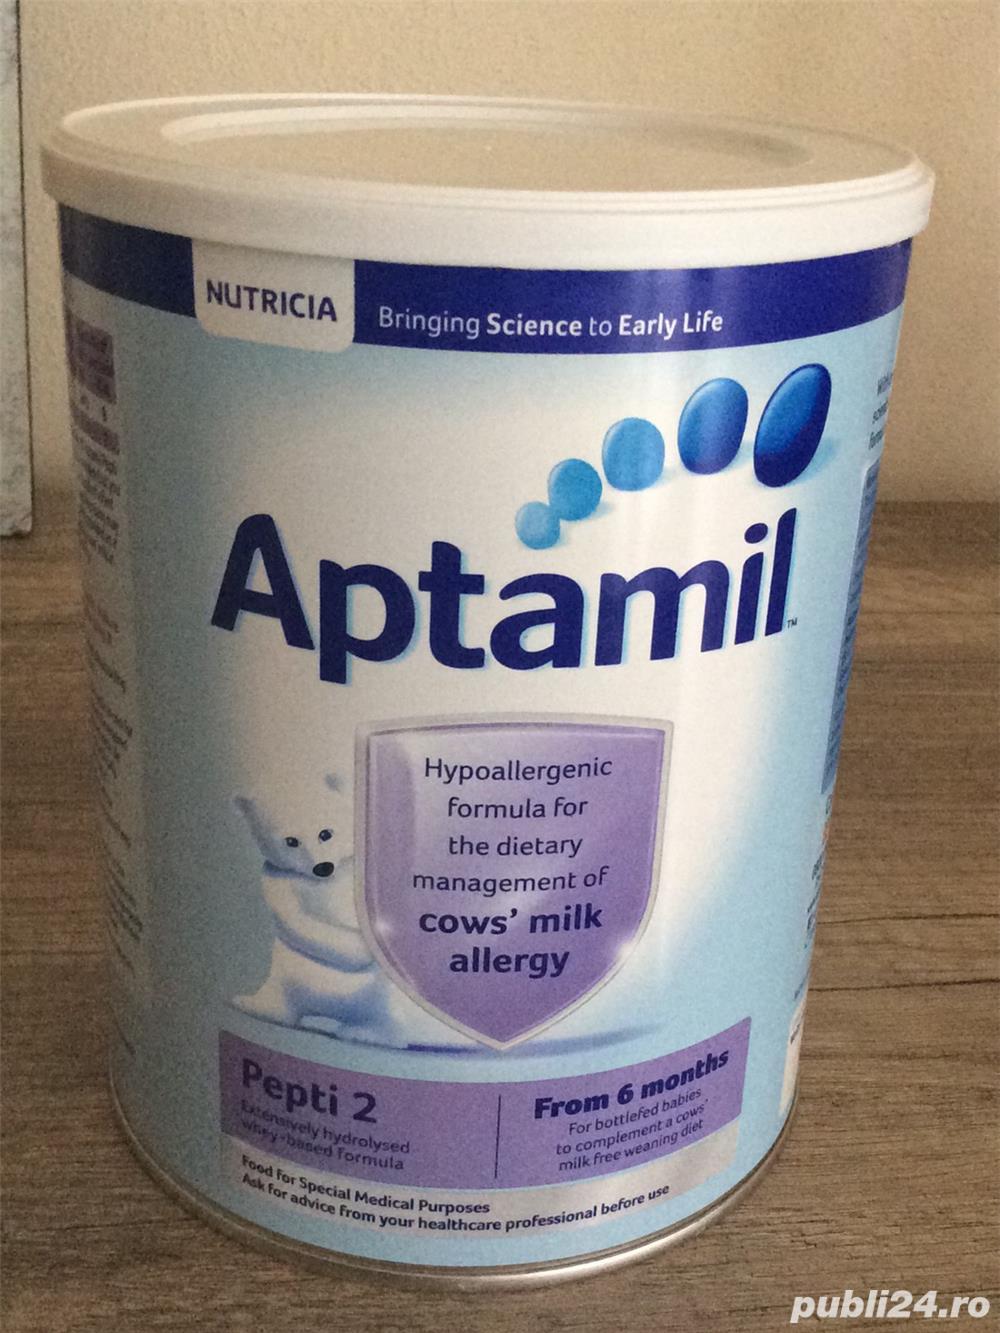 Aptamil pepti 2